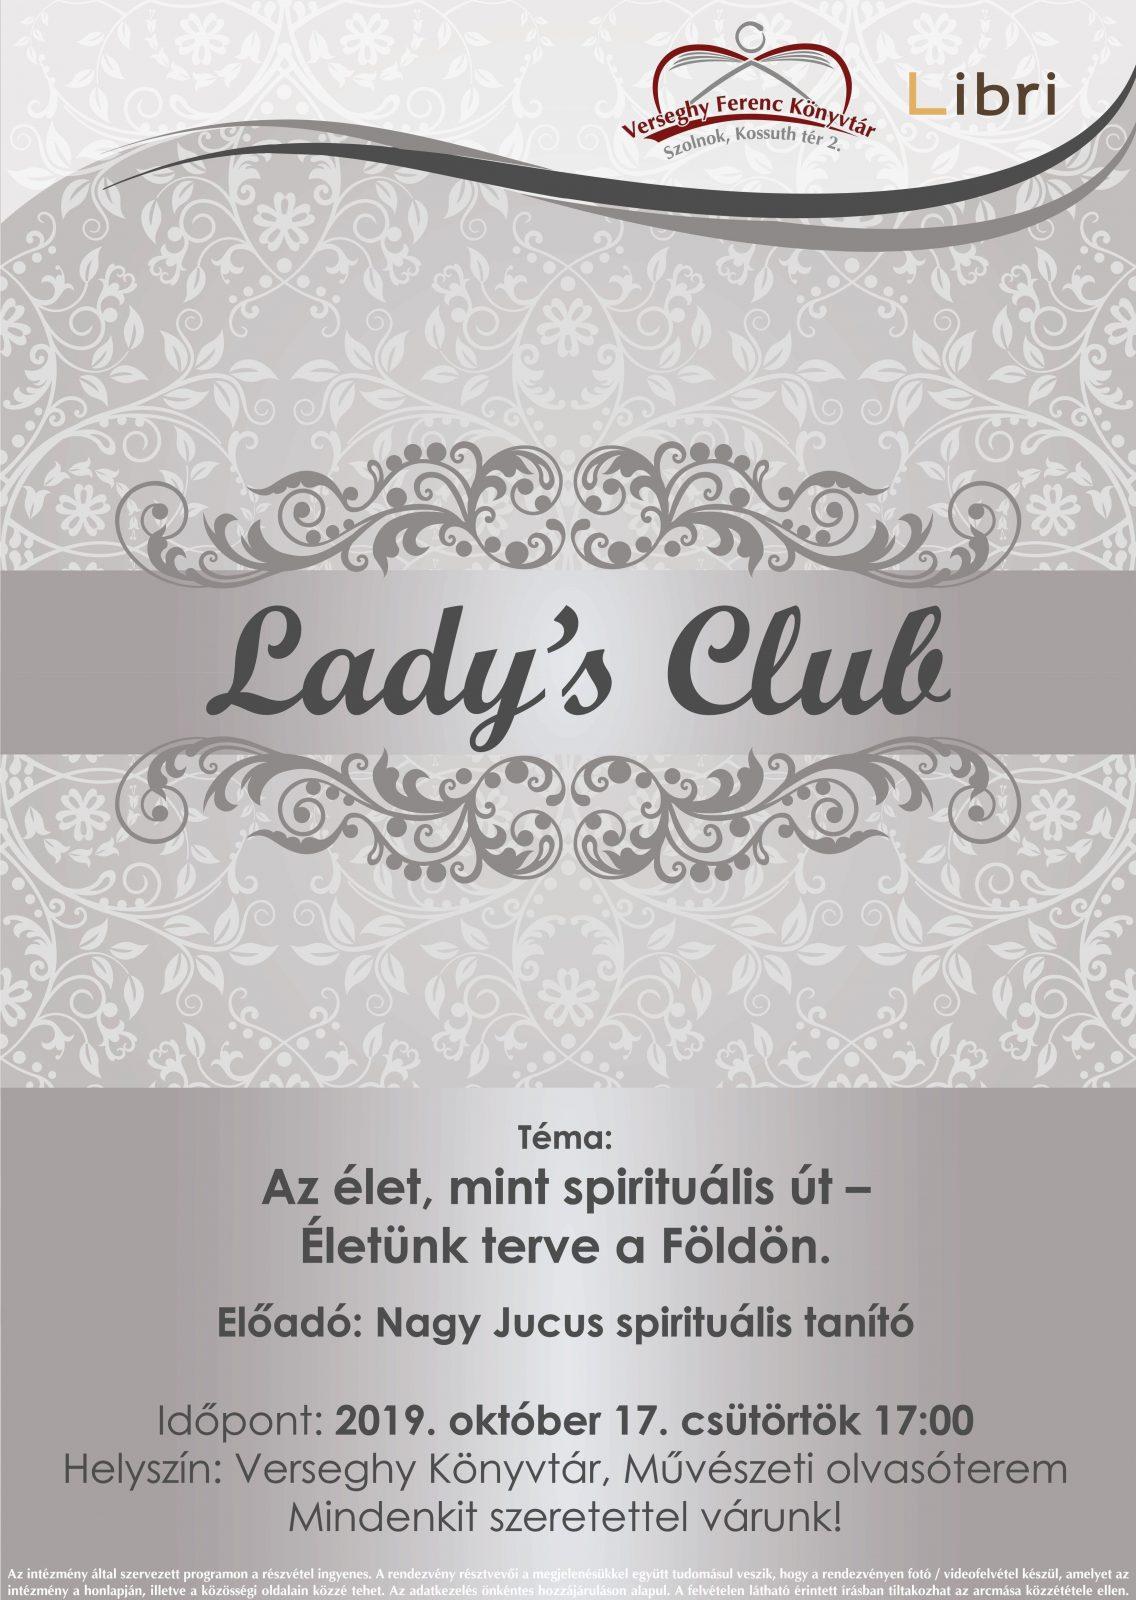 2019.10.17. Lady's Club. Plakát